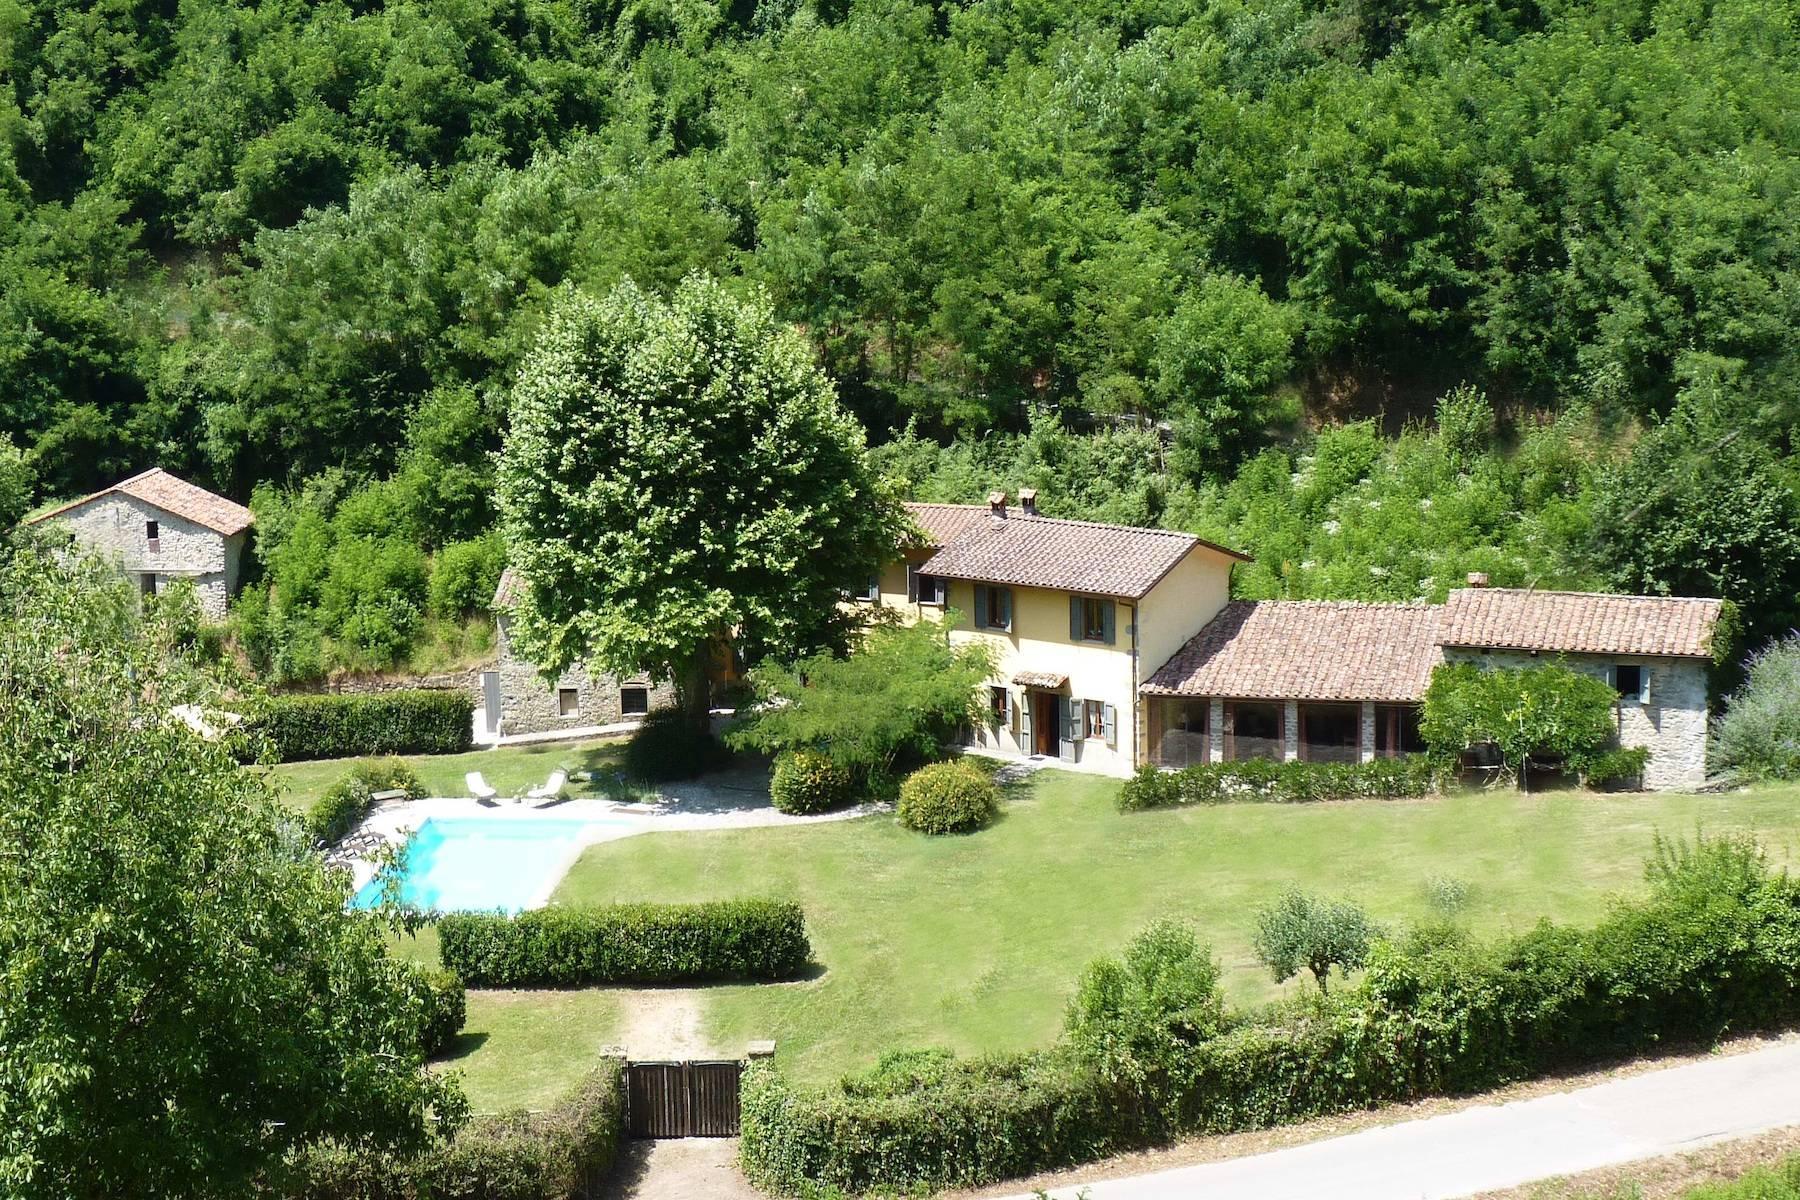 Piccolo borgo incantato sulle colline di Lucca - 2